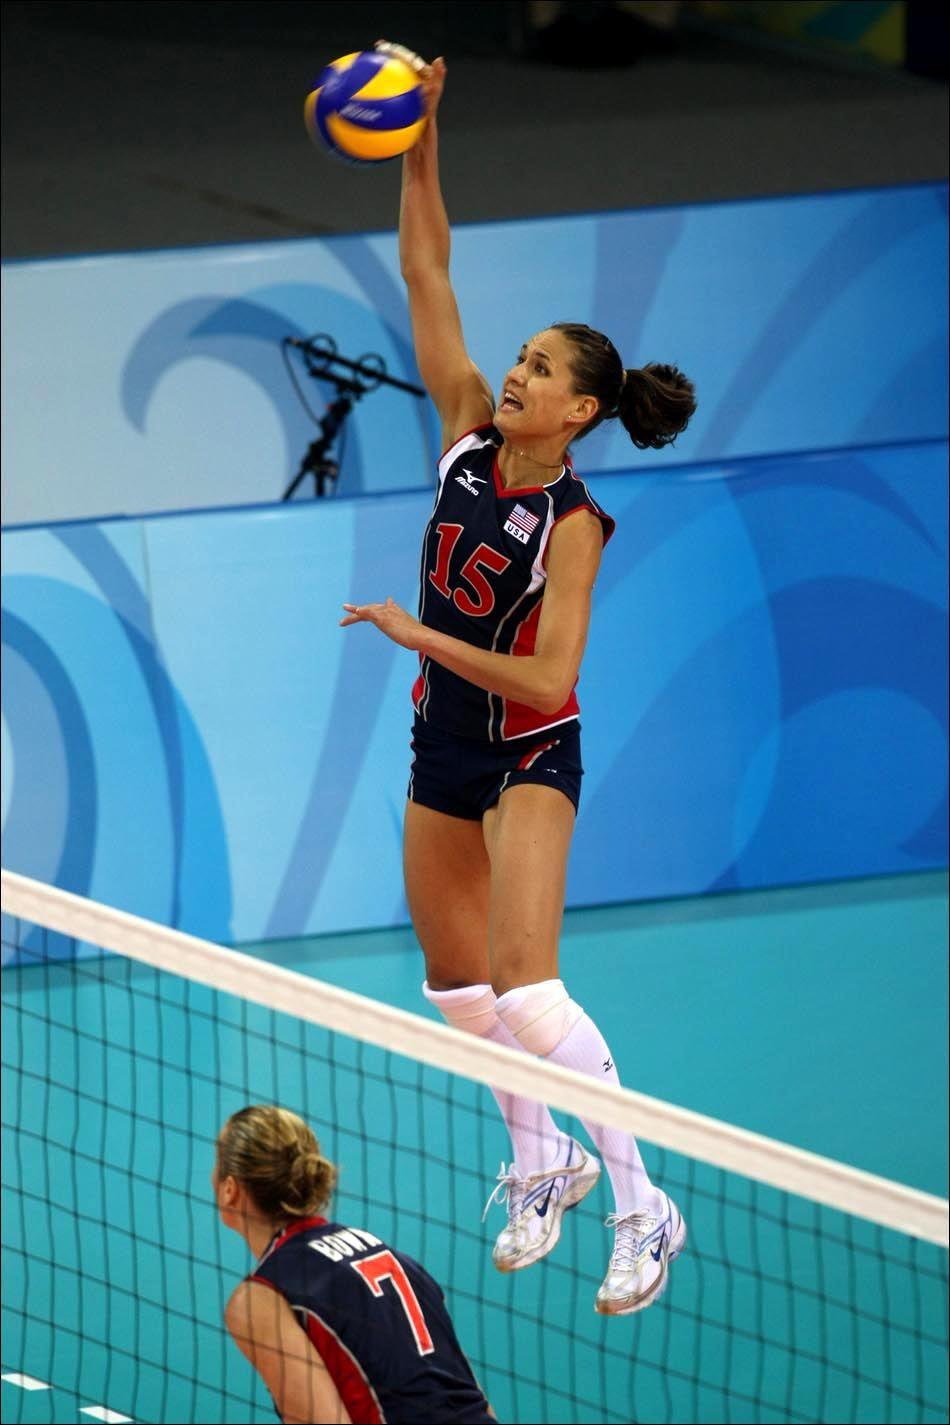 women's volleyball net height - 736×1104